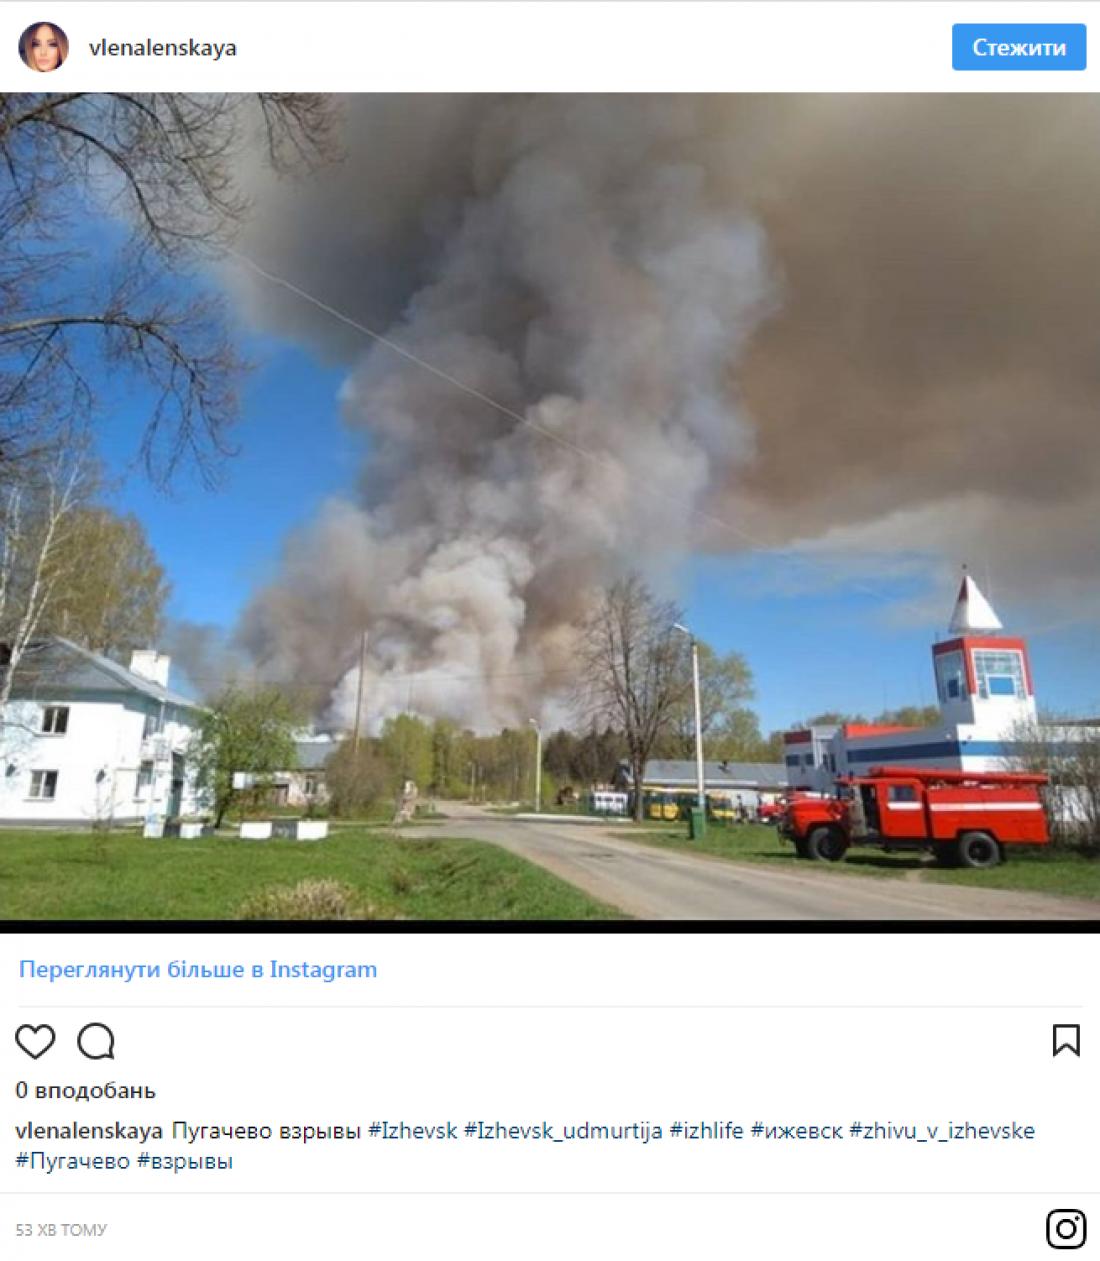 Жители Пугачево слышат многочисленные хлопки